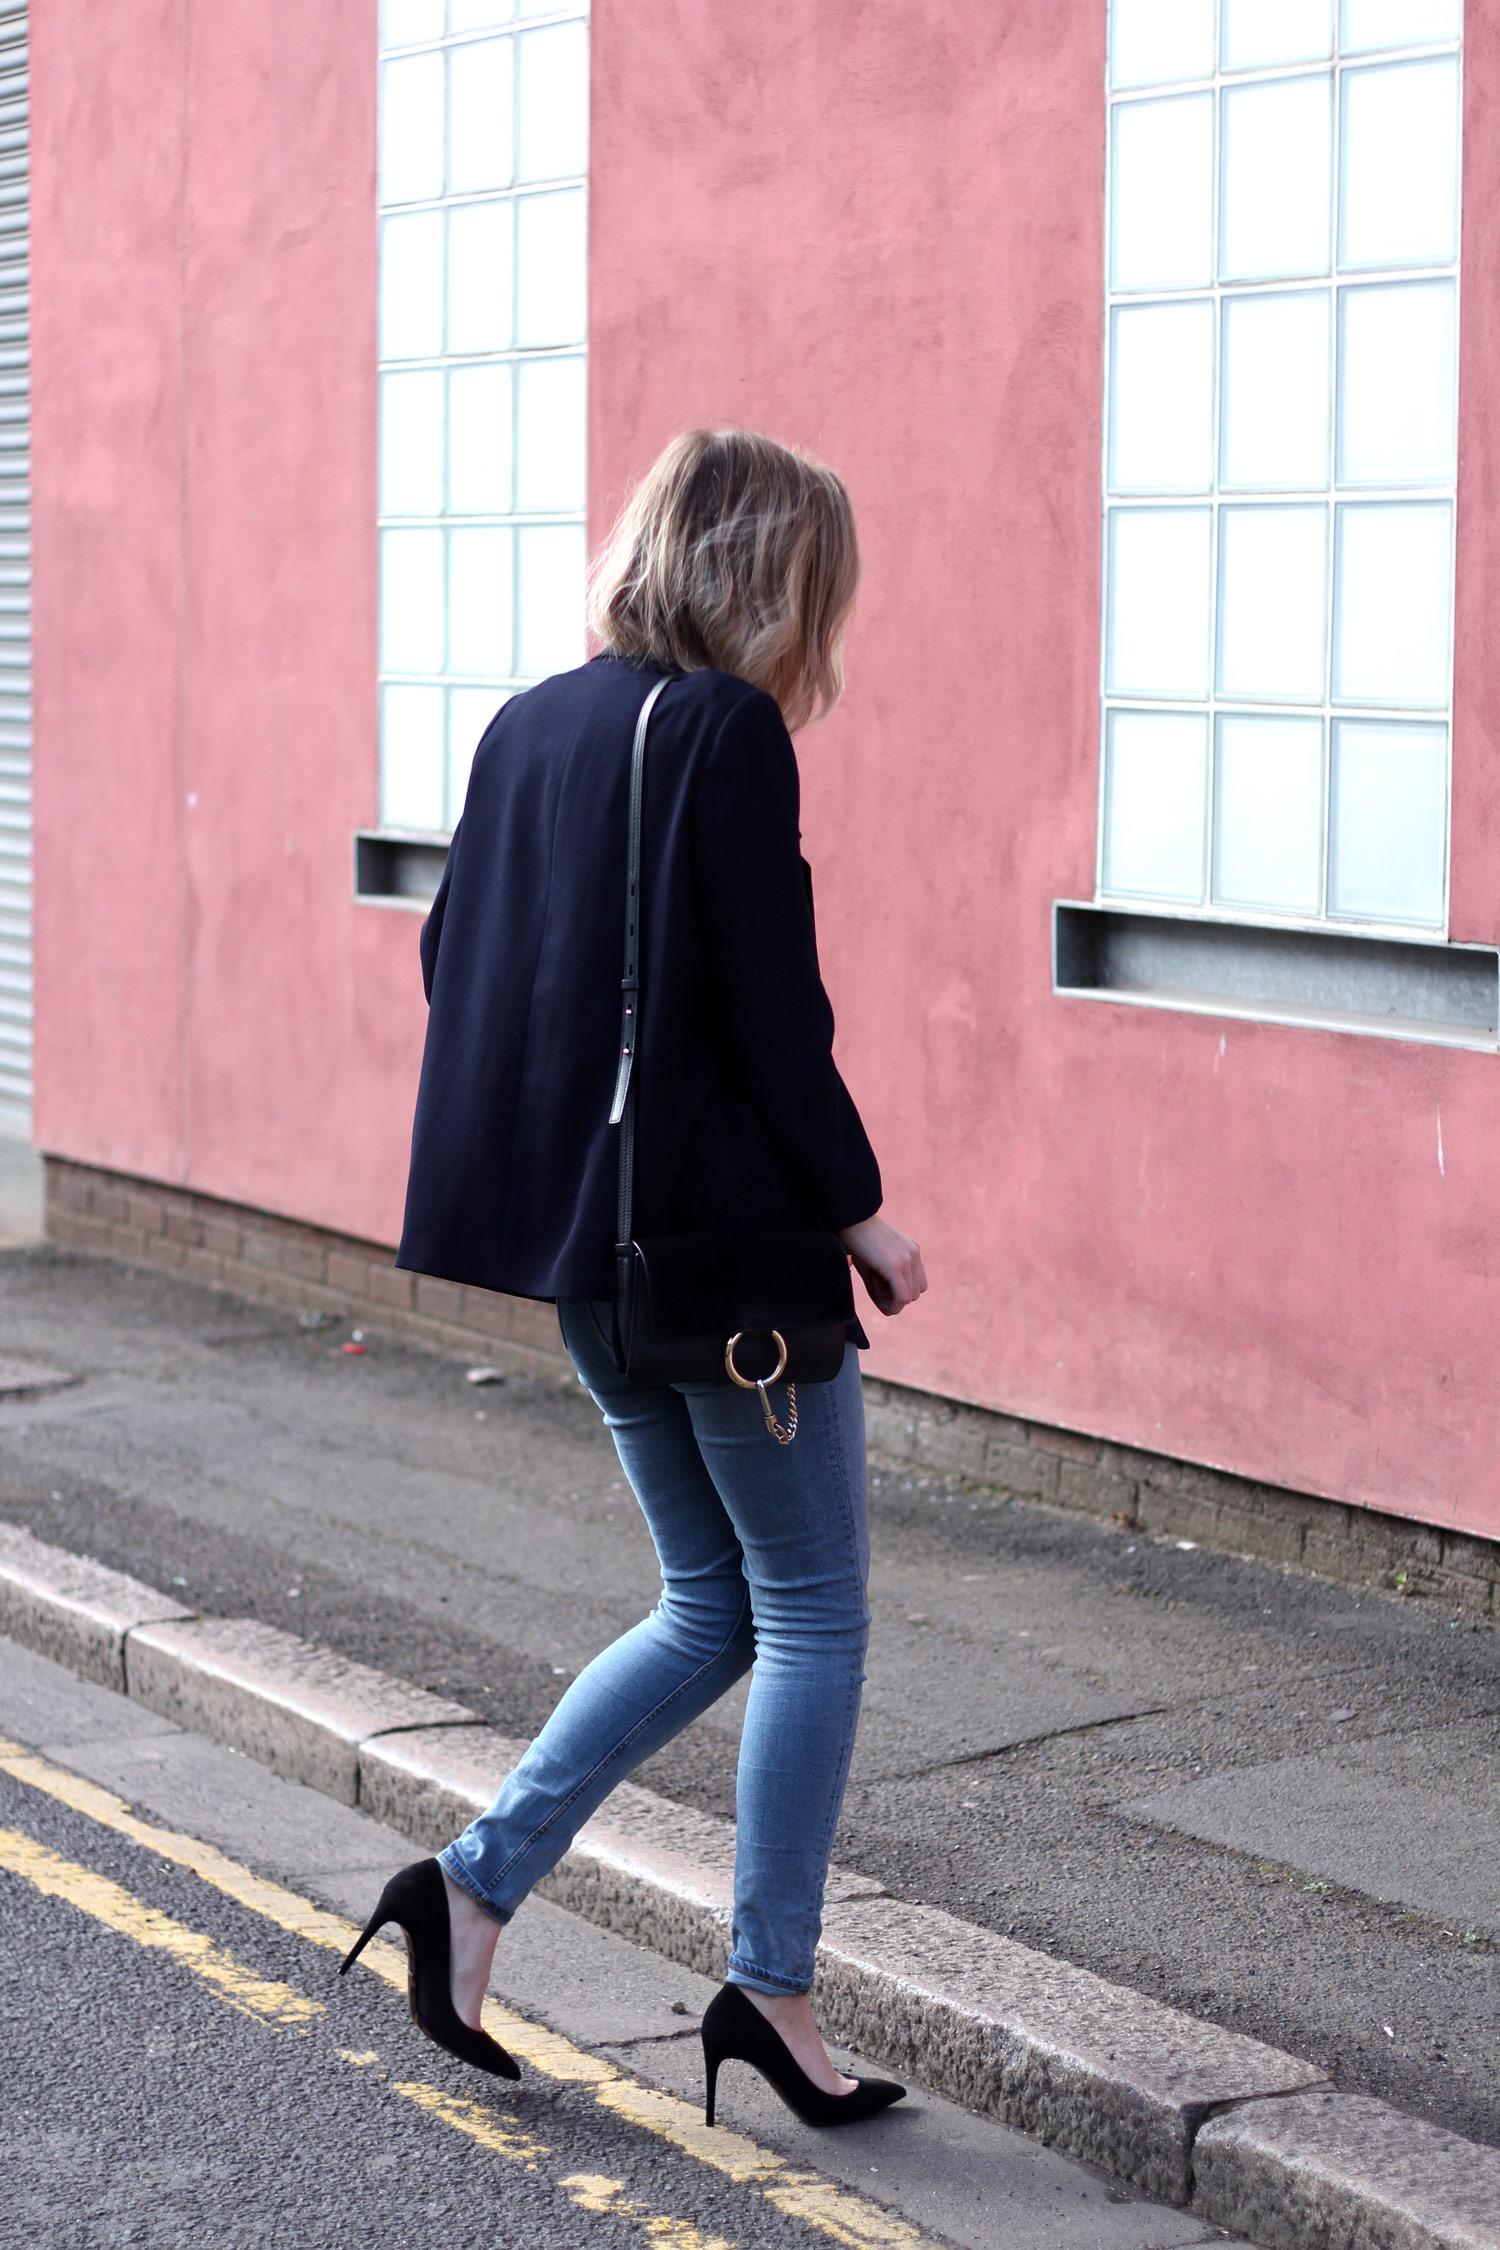 farfetch-dolce-gabbana-black-suede-heels-weekday-jeans-chloe-faye-black-7